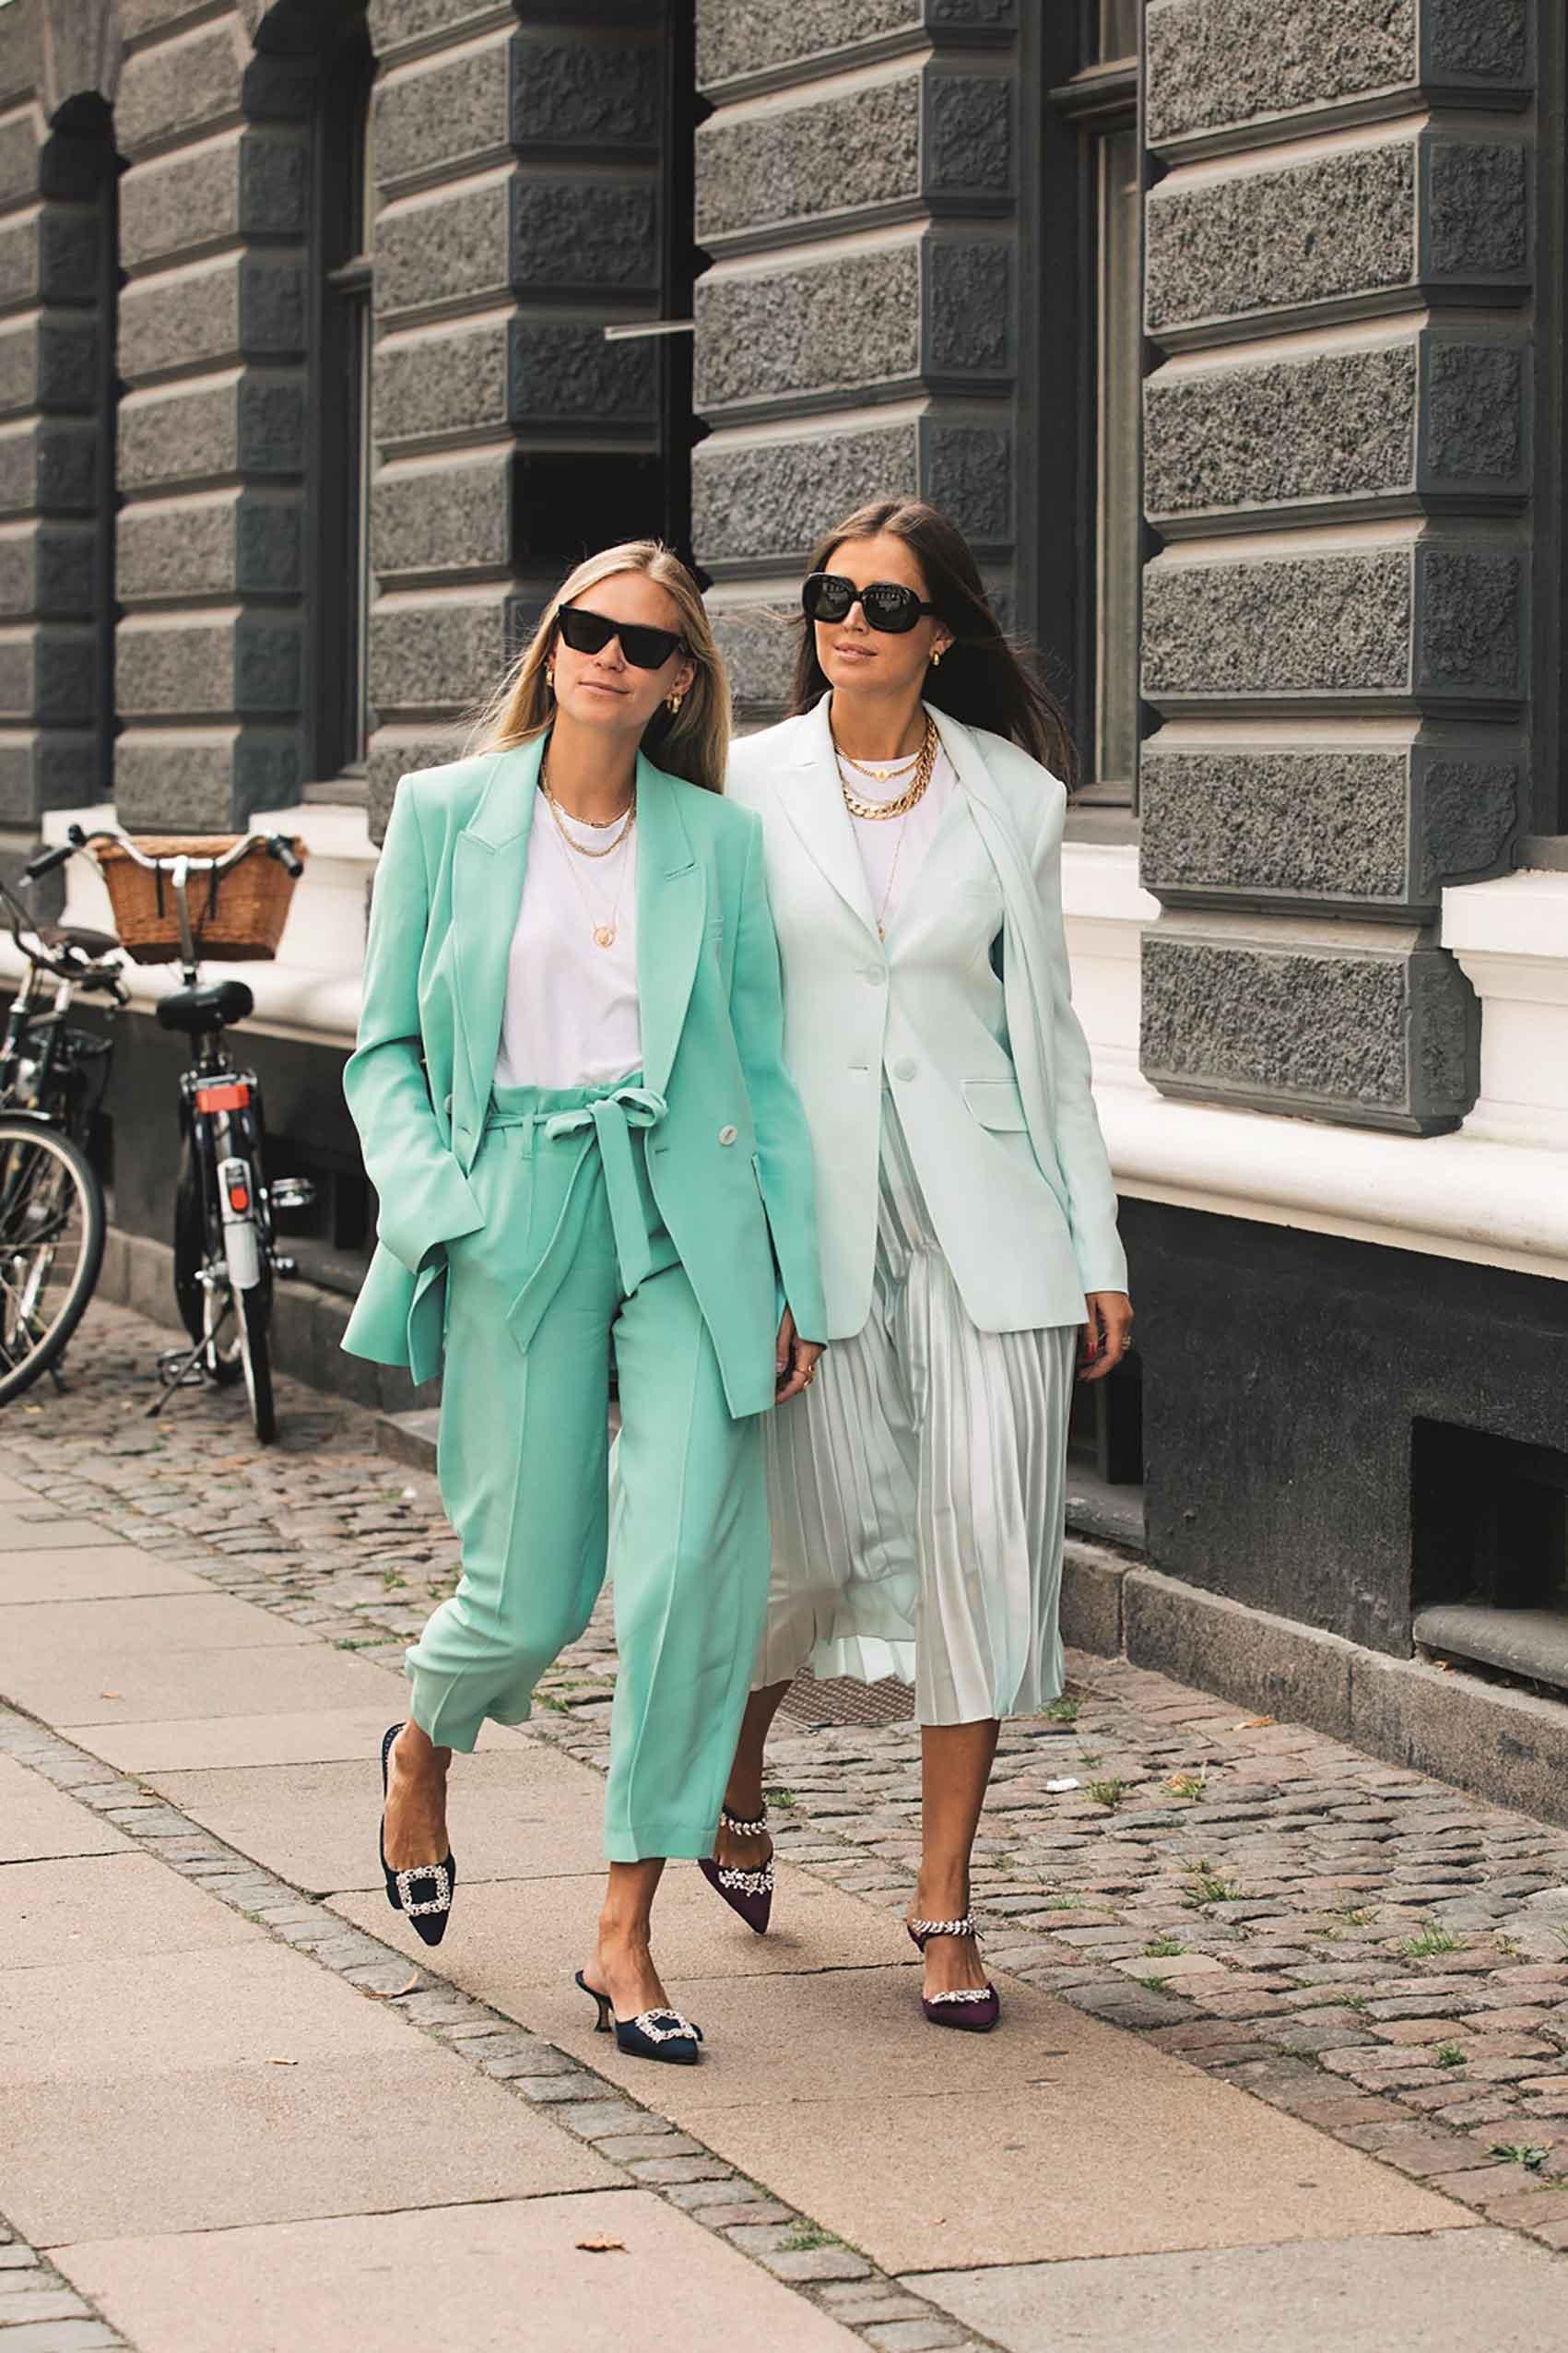 אופנה-לאורל-למילוס-חדשות האופנה